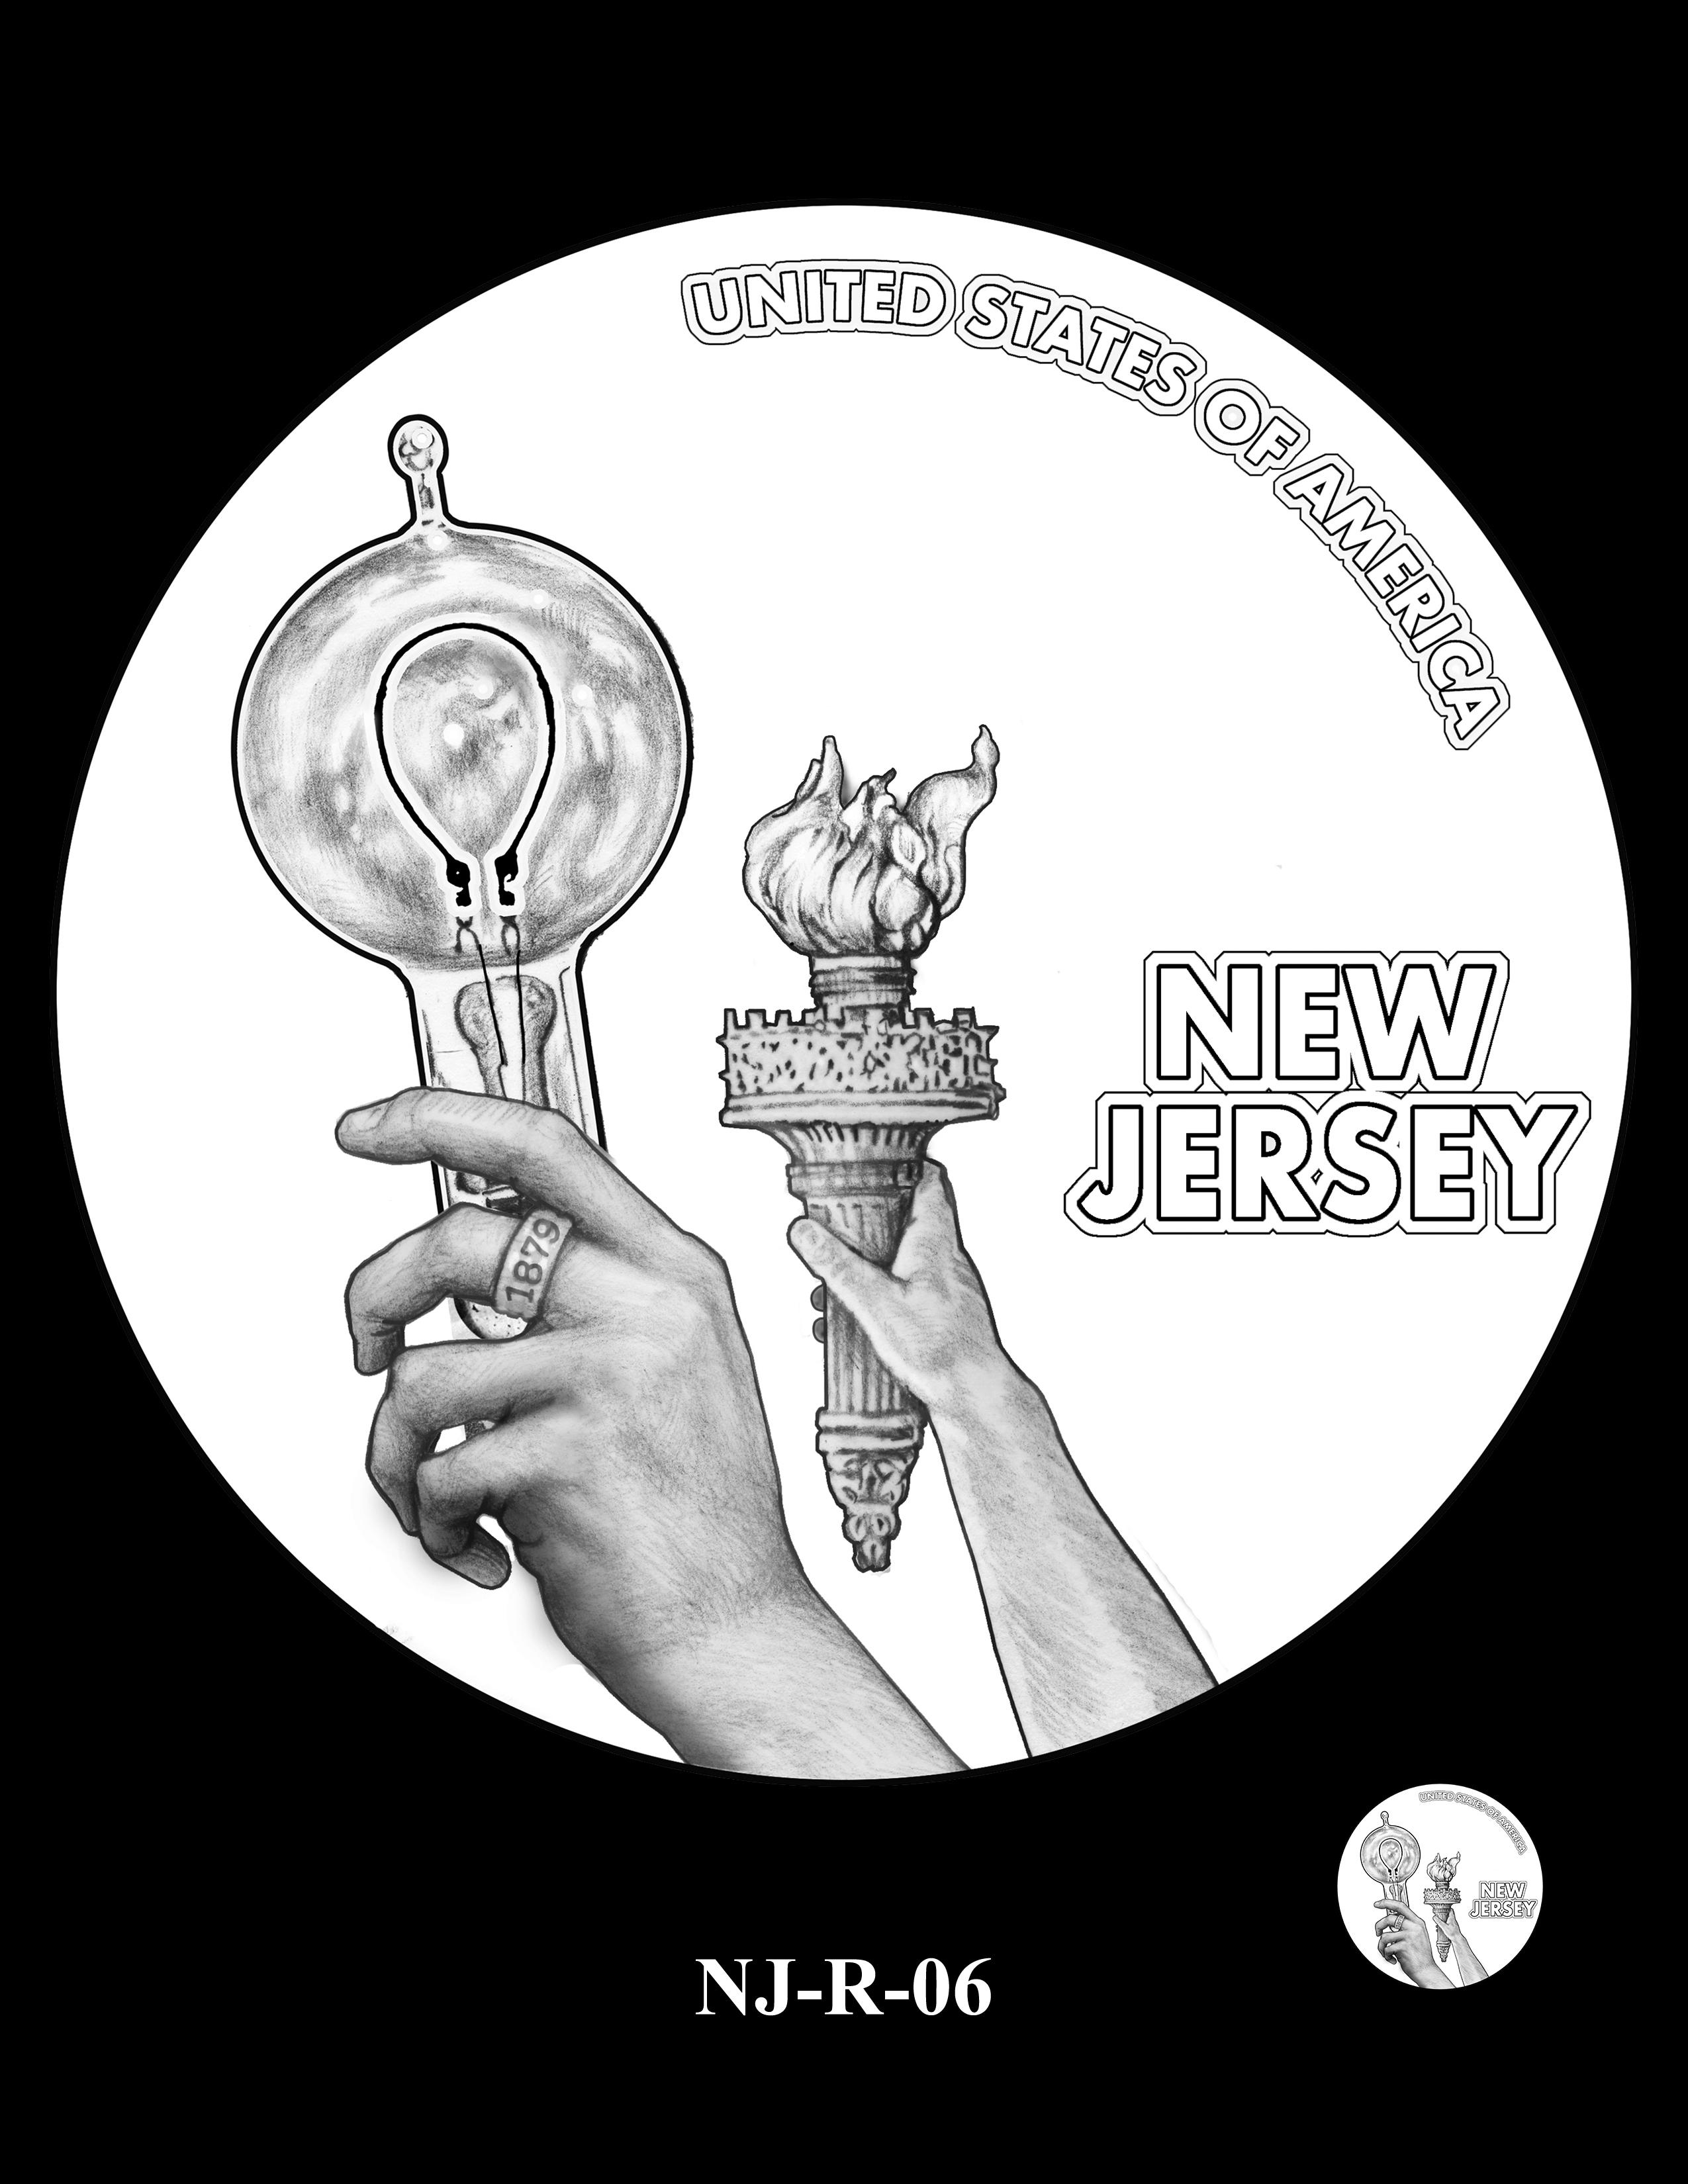 NJ-R-06 -- 2019 American Innovation $1 Coin Program